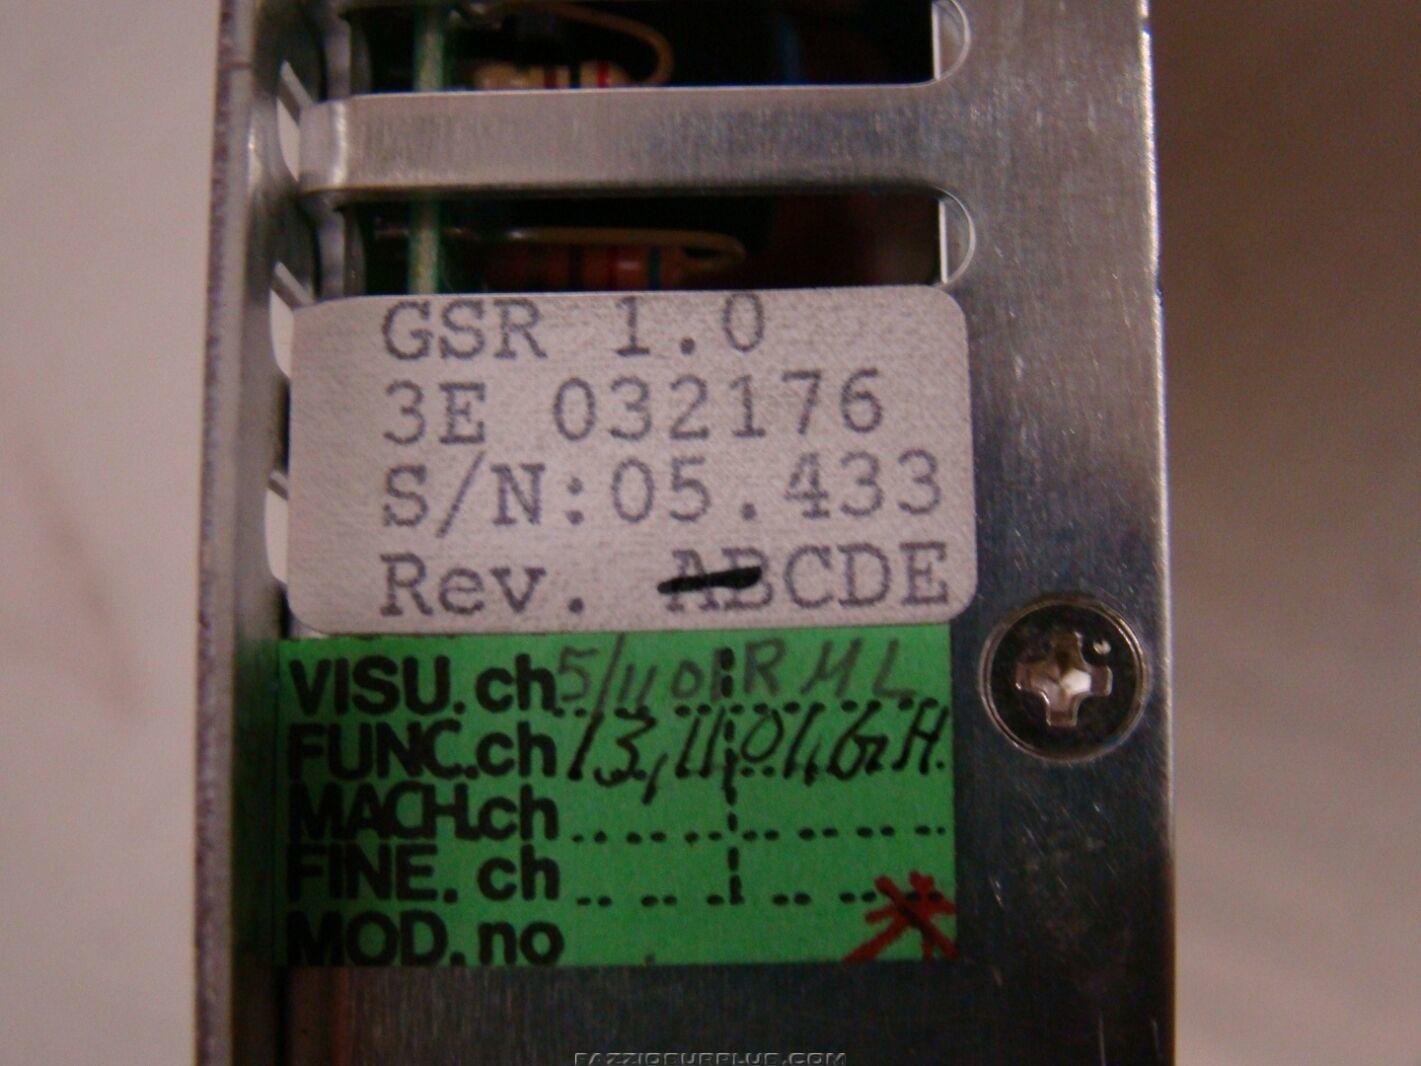 Asea Brown Boveri Power Supply Module For Robotic 3e 032176